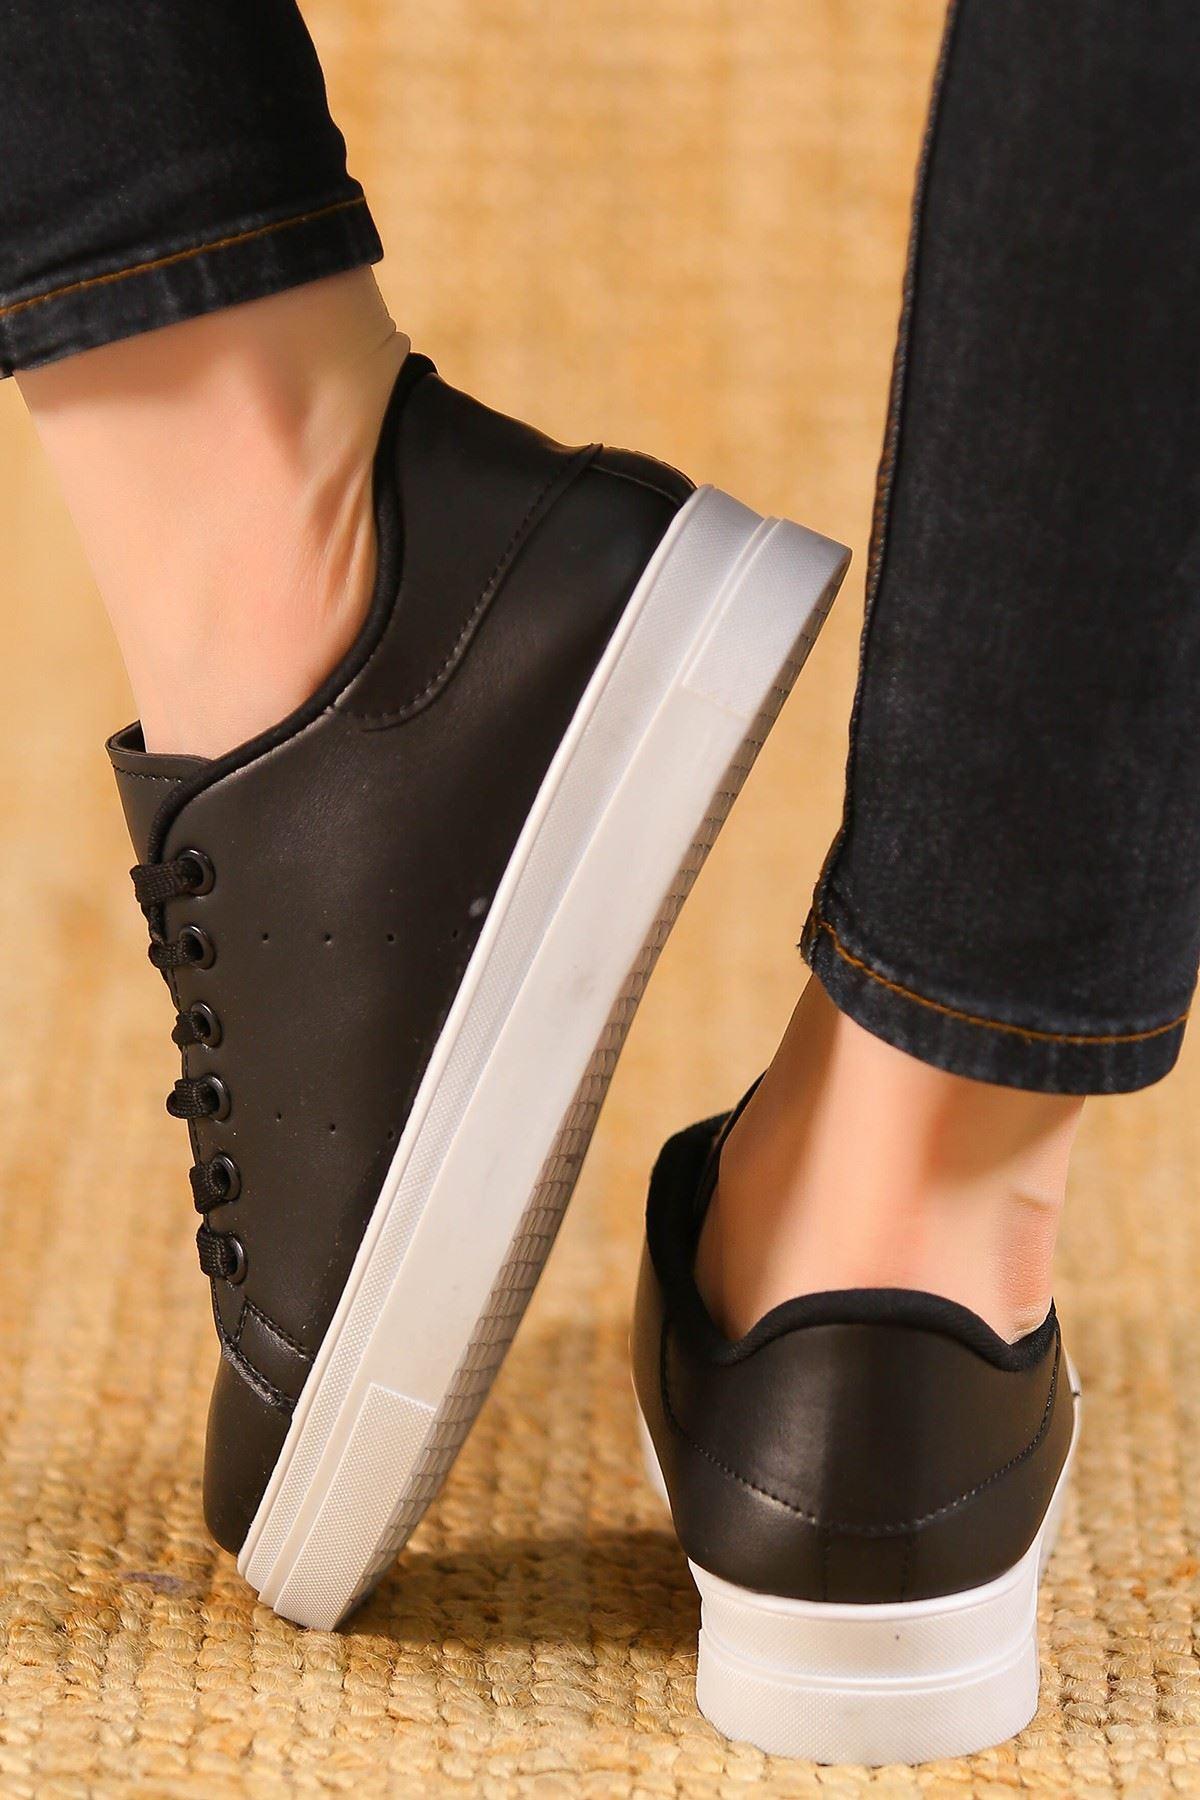 Kalın Tbn Günlük Ayakkabı Siyahbeyaz - 8585.264.